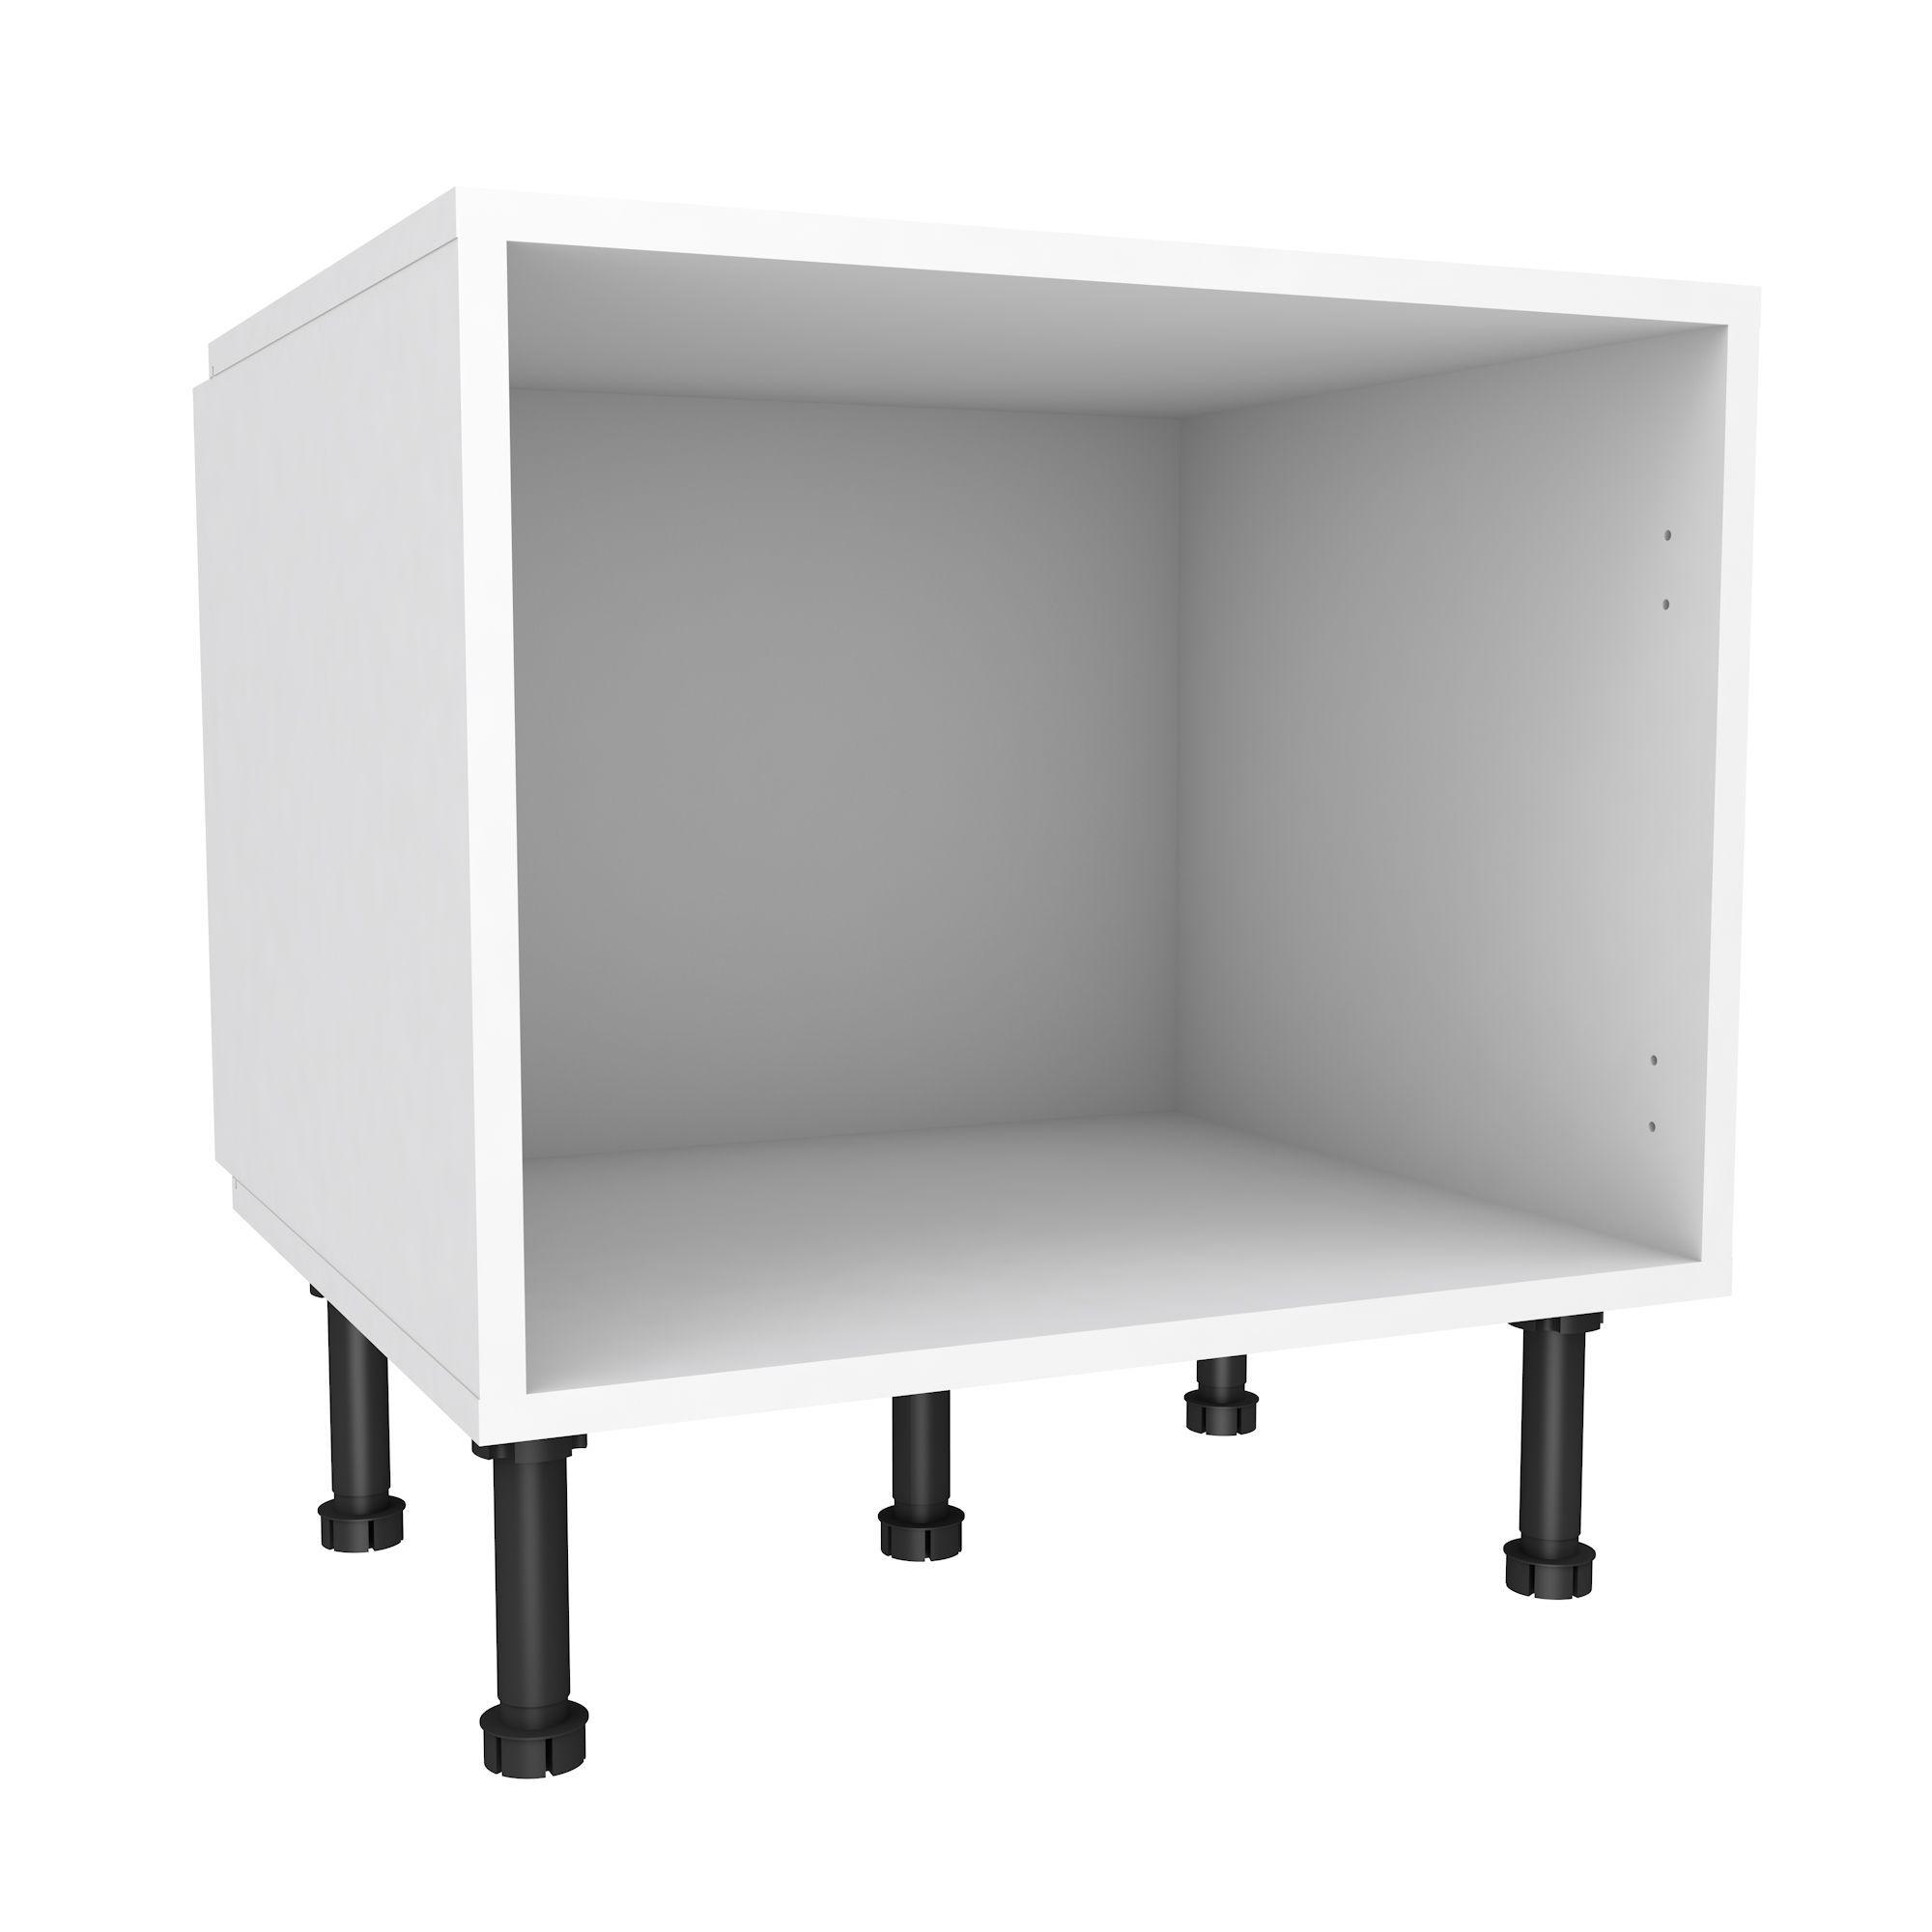 Corner Base Kitchen Cabinet Cabinet Units Kitchen Cabinets Kitchen Departments Diy At Bq